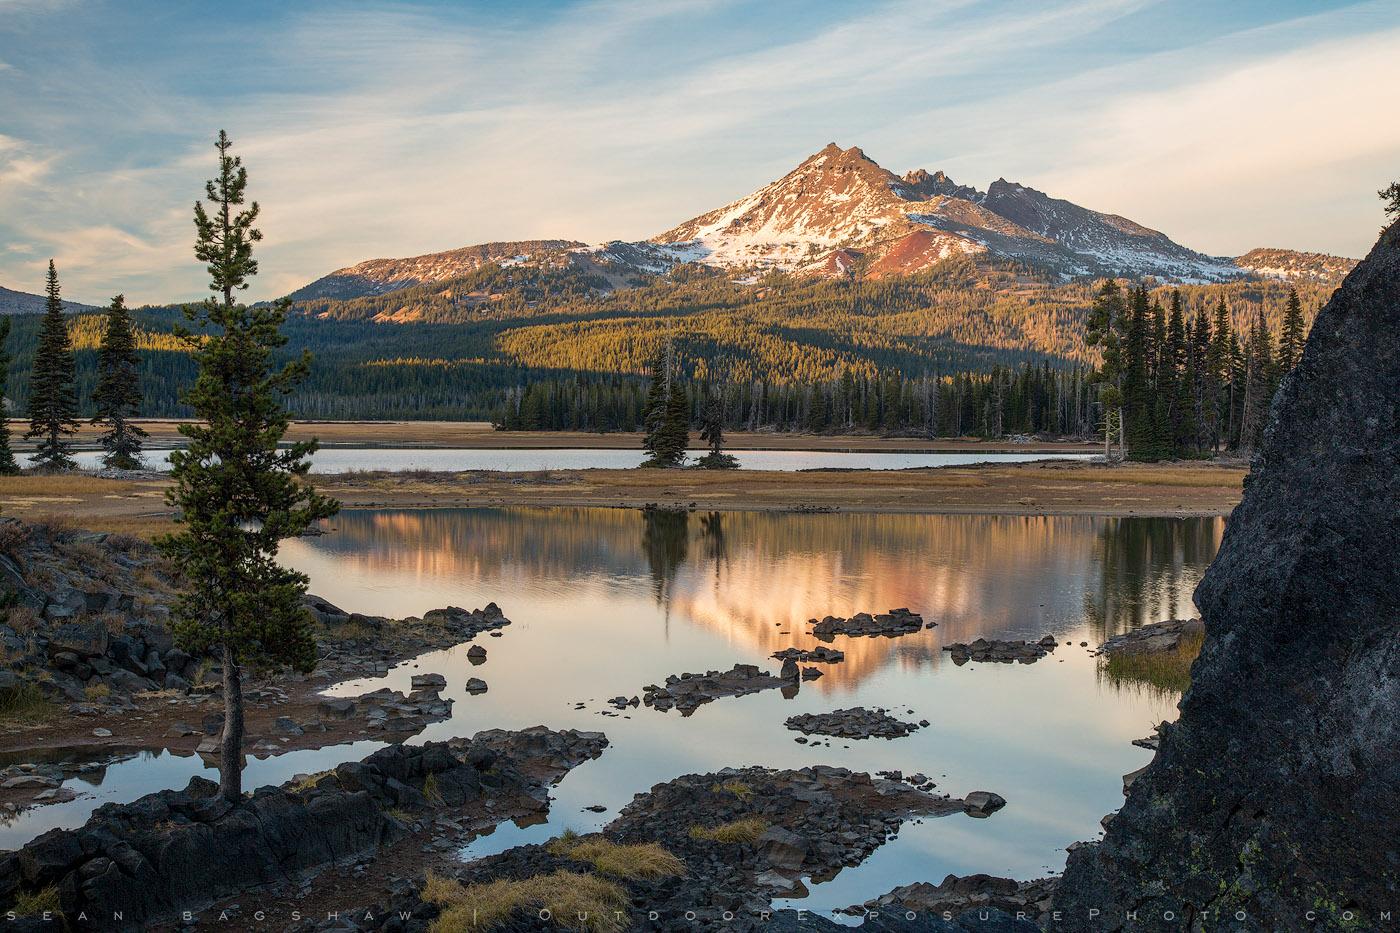 Mountain Babes - Sparks Lakes Oregon - YouTube